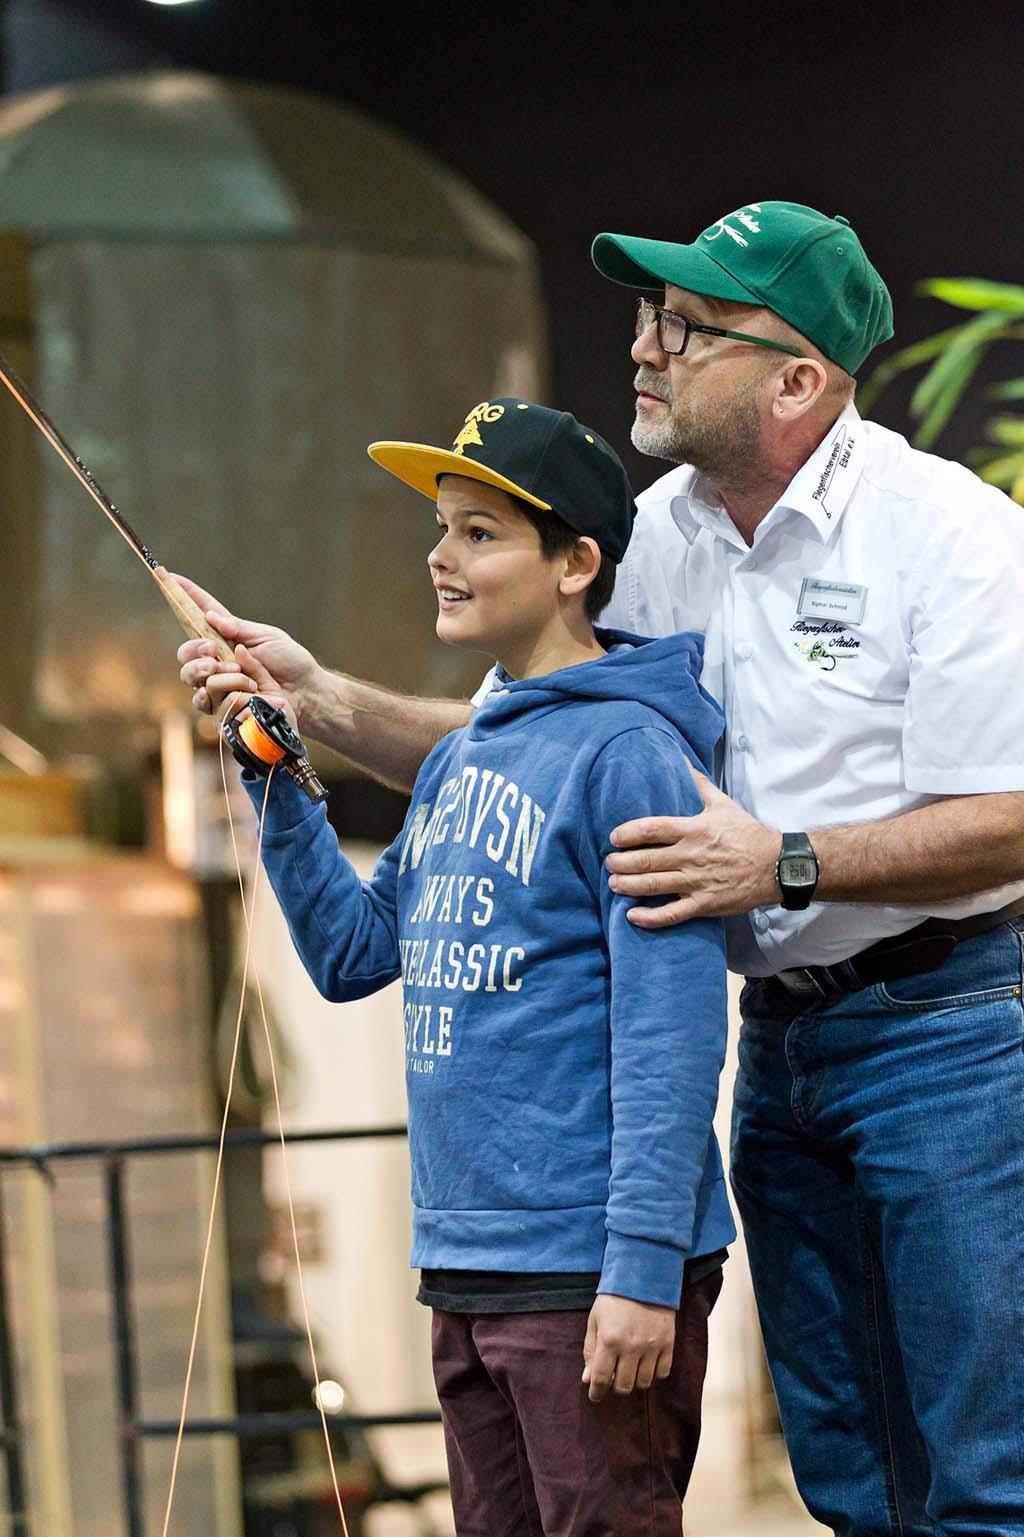 Nicht nur die Profis unter den Fliegenfischen, sondern auch die, die es gerne mal ausprobieren möchten, kommen hier auf ihre kosten. Foto: Messe Offenburg / BRAXART